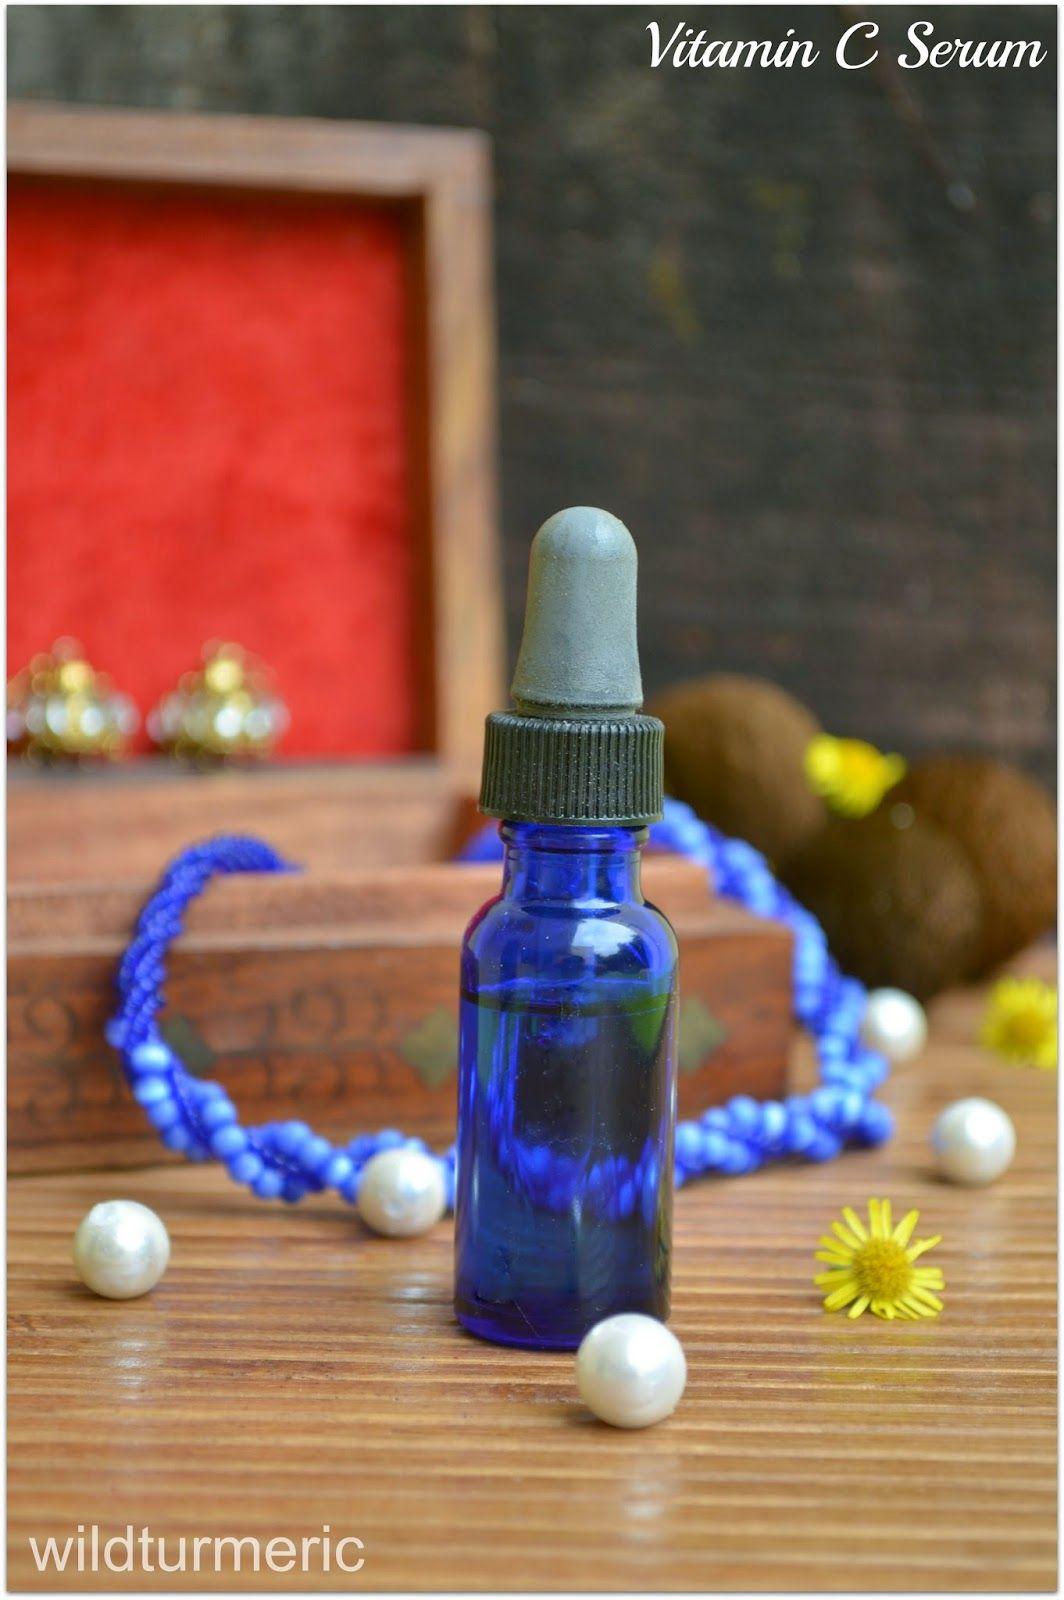 Diy best vitamin c serum recipe for face best vitamin c